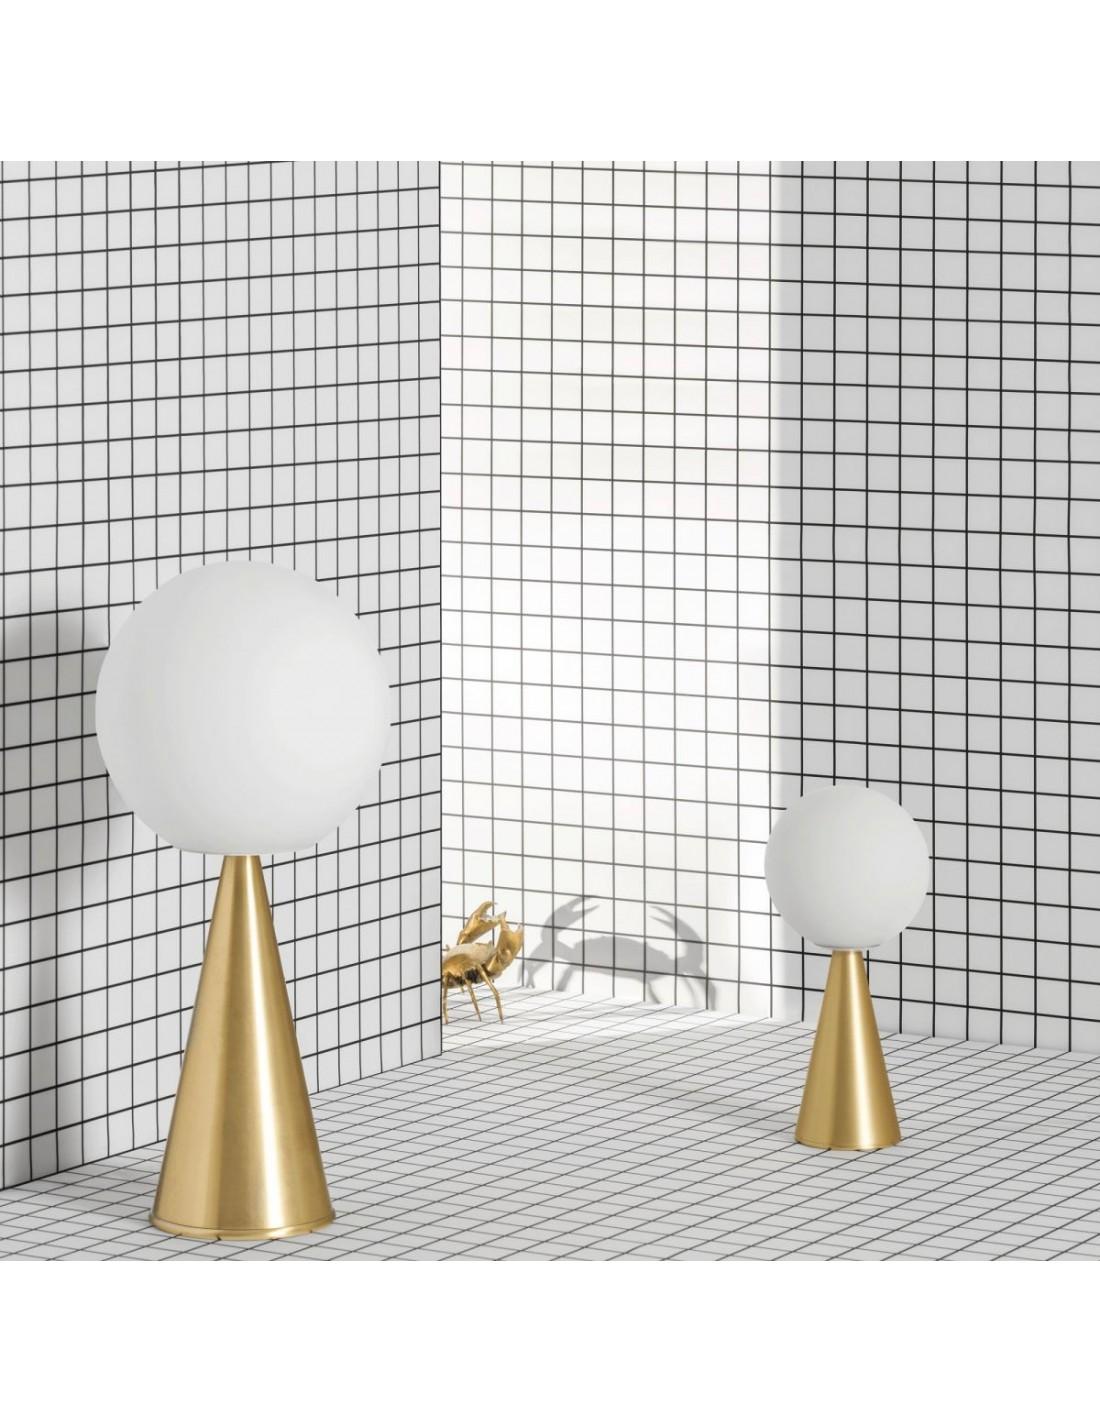 Lampe de table  Bilia et Bilia Mini fontana arte  Valente Design